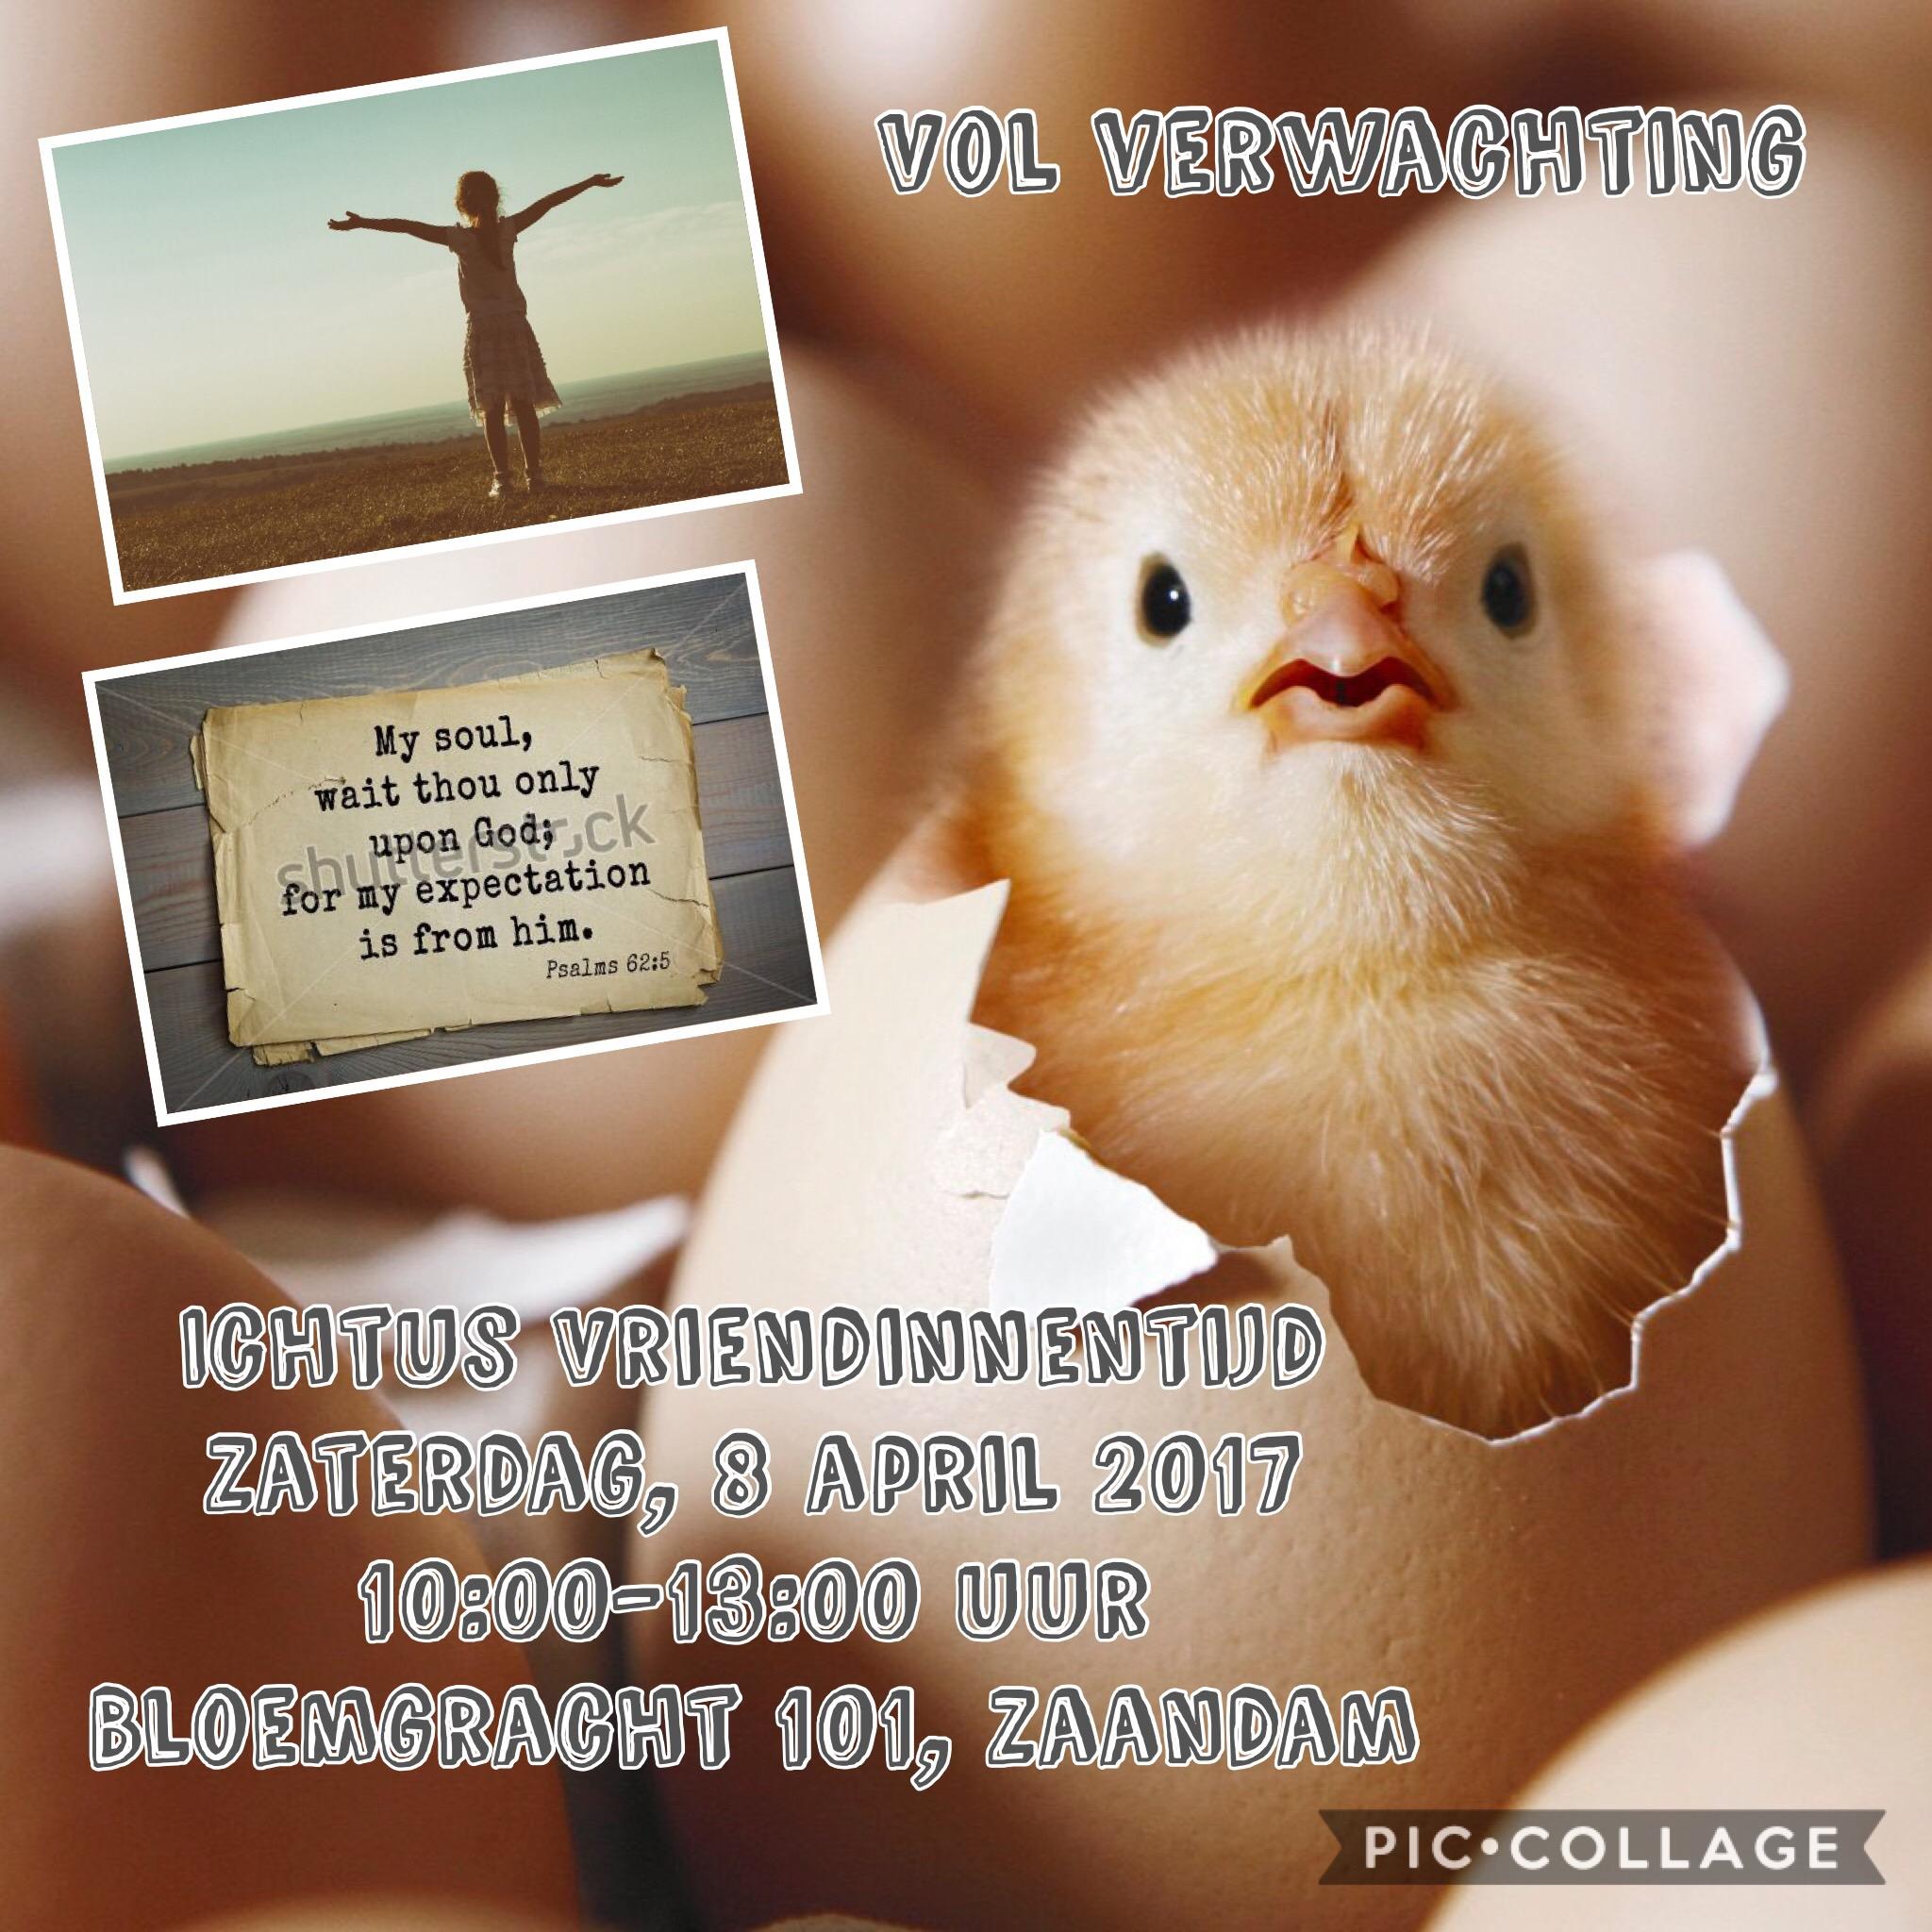 Ichtus Vriendinnentijd vol verwachting zaterdag 8 april 2017